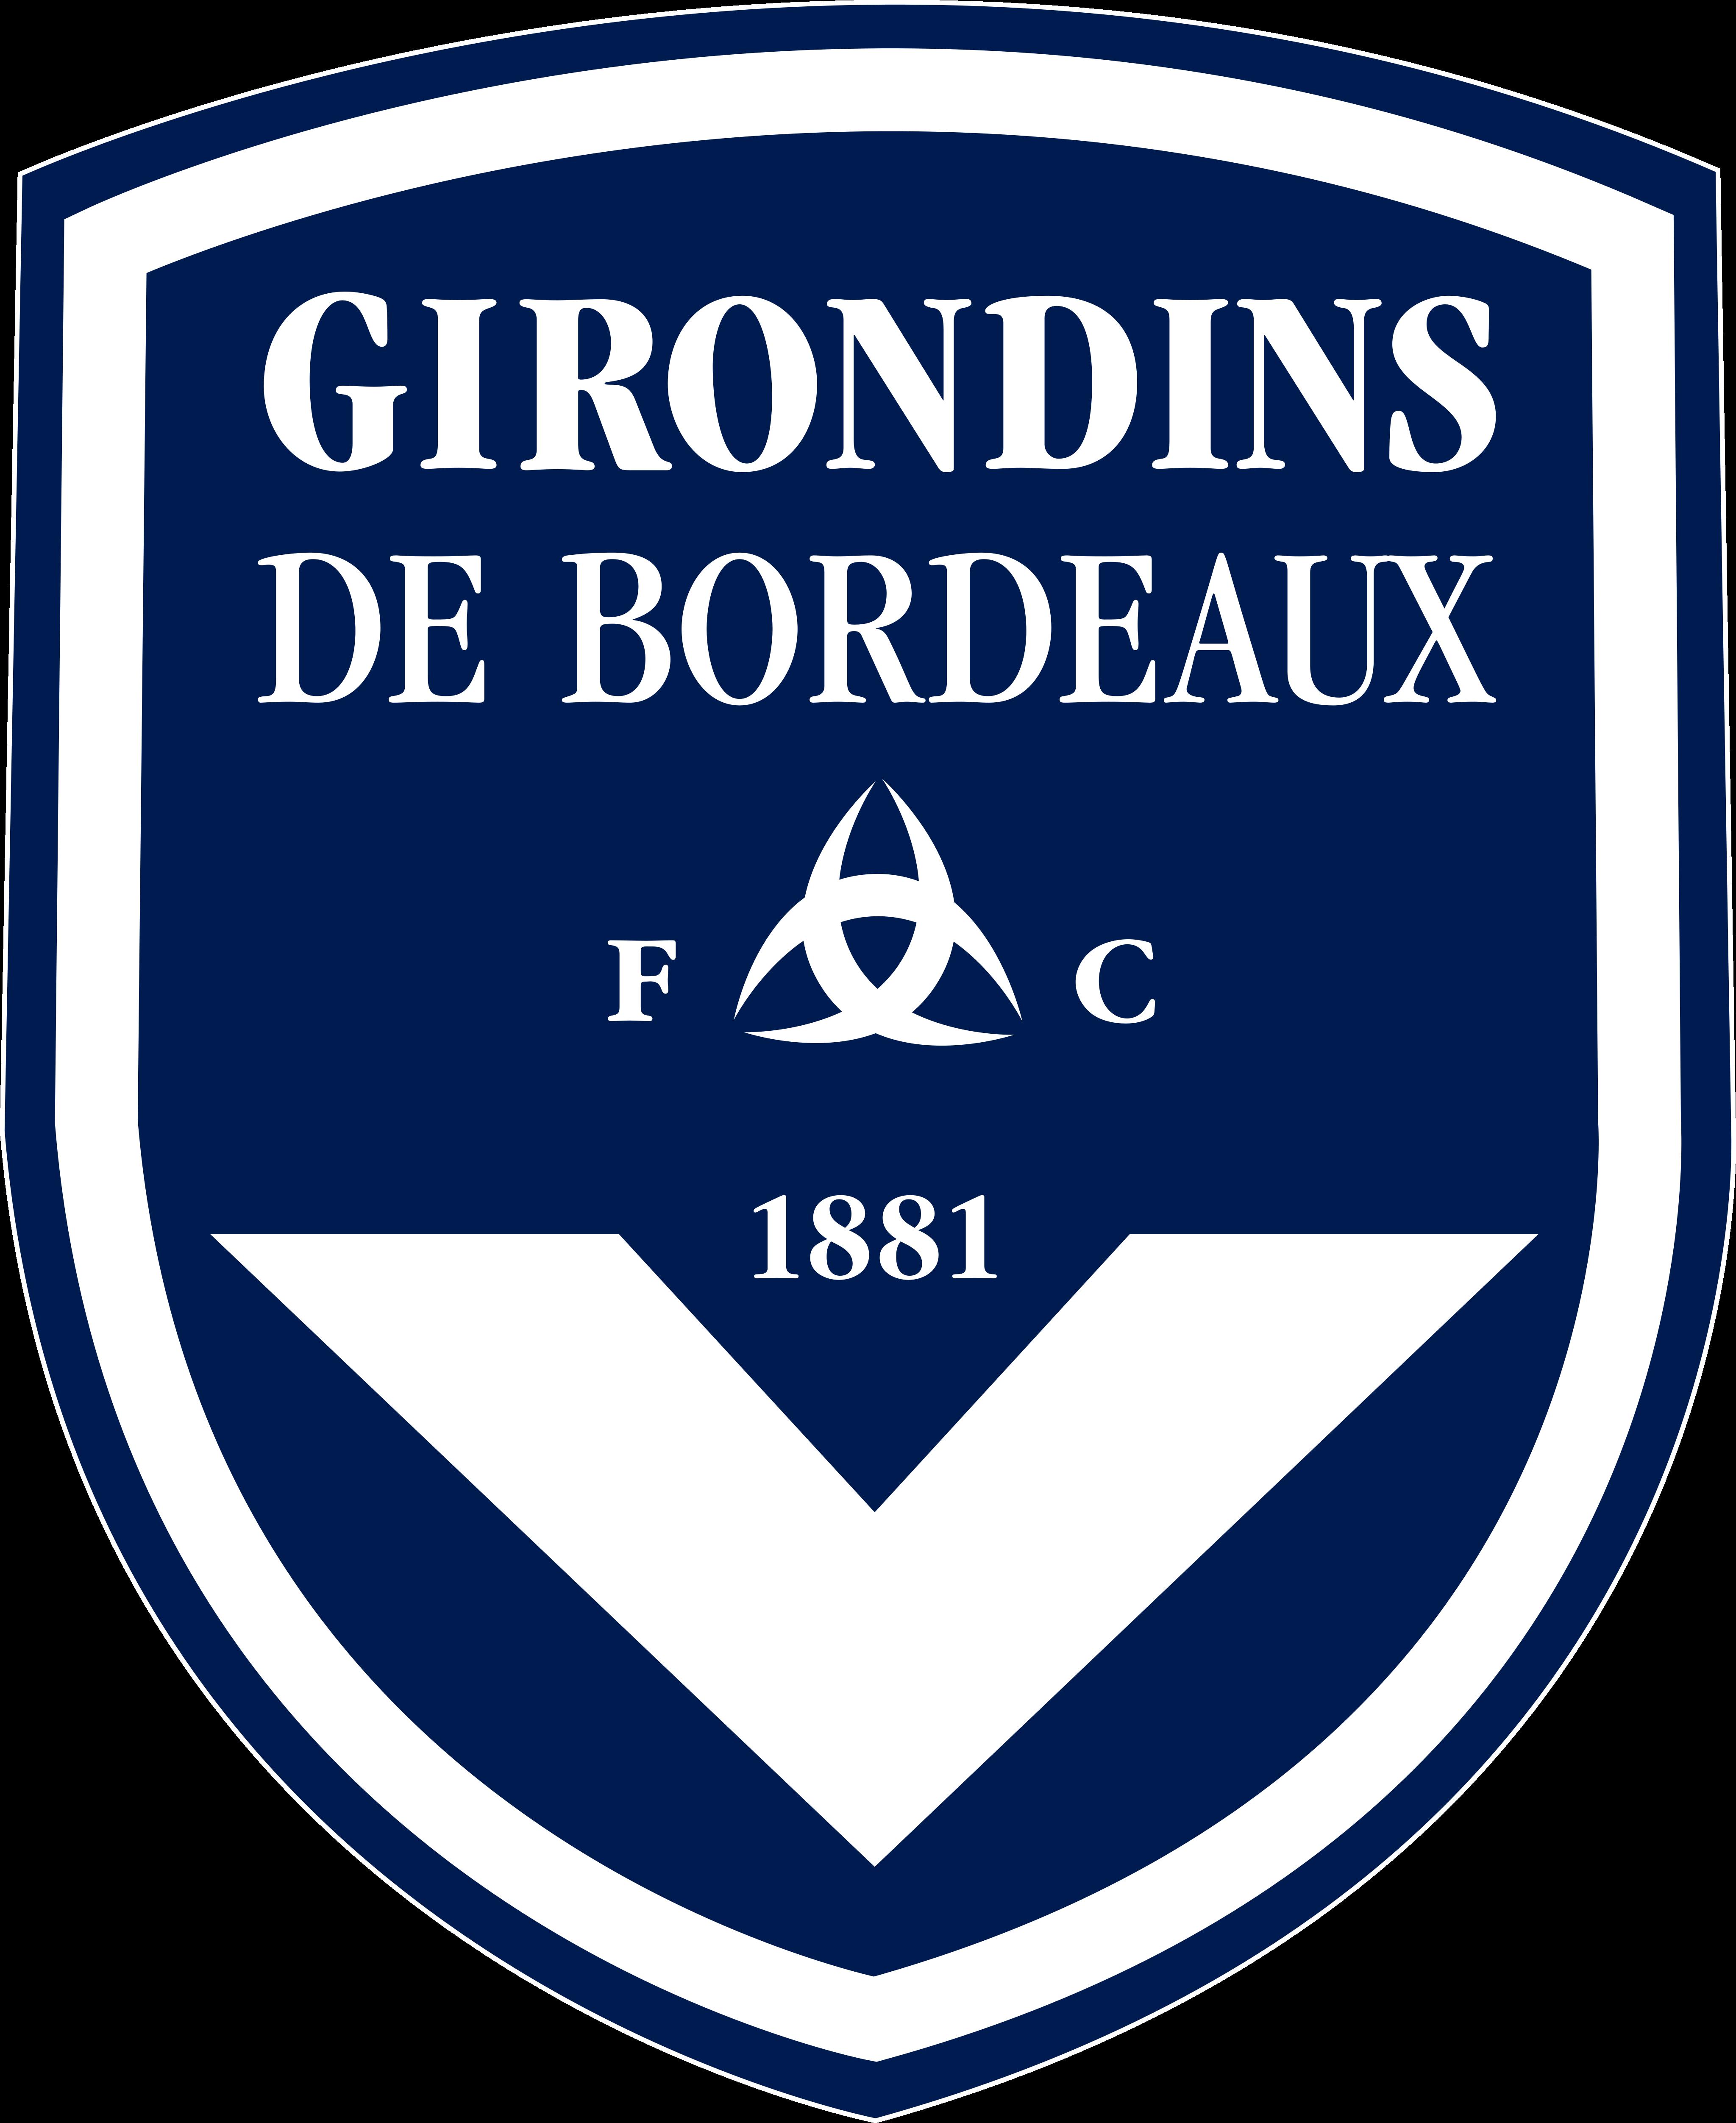 fc bordeaux logo - FC Bordeaux Logo